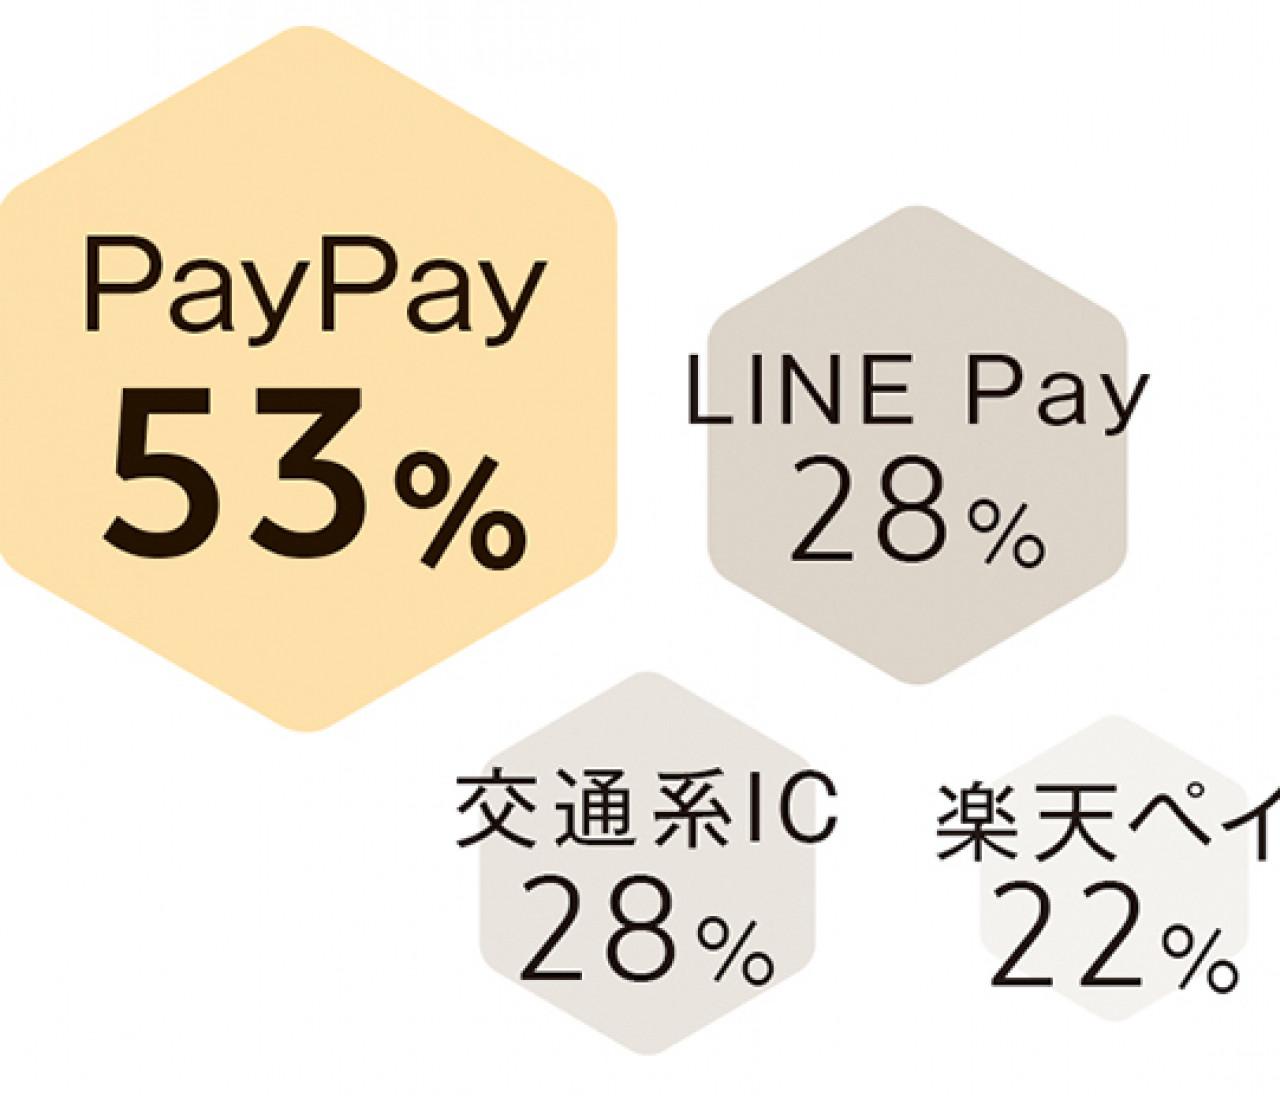 【30代女性のお金事情】人気の「電子マネー」が去年から大きく変わった!